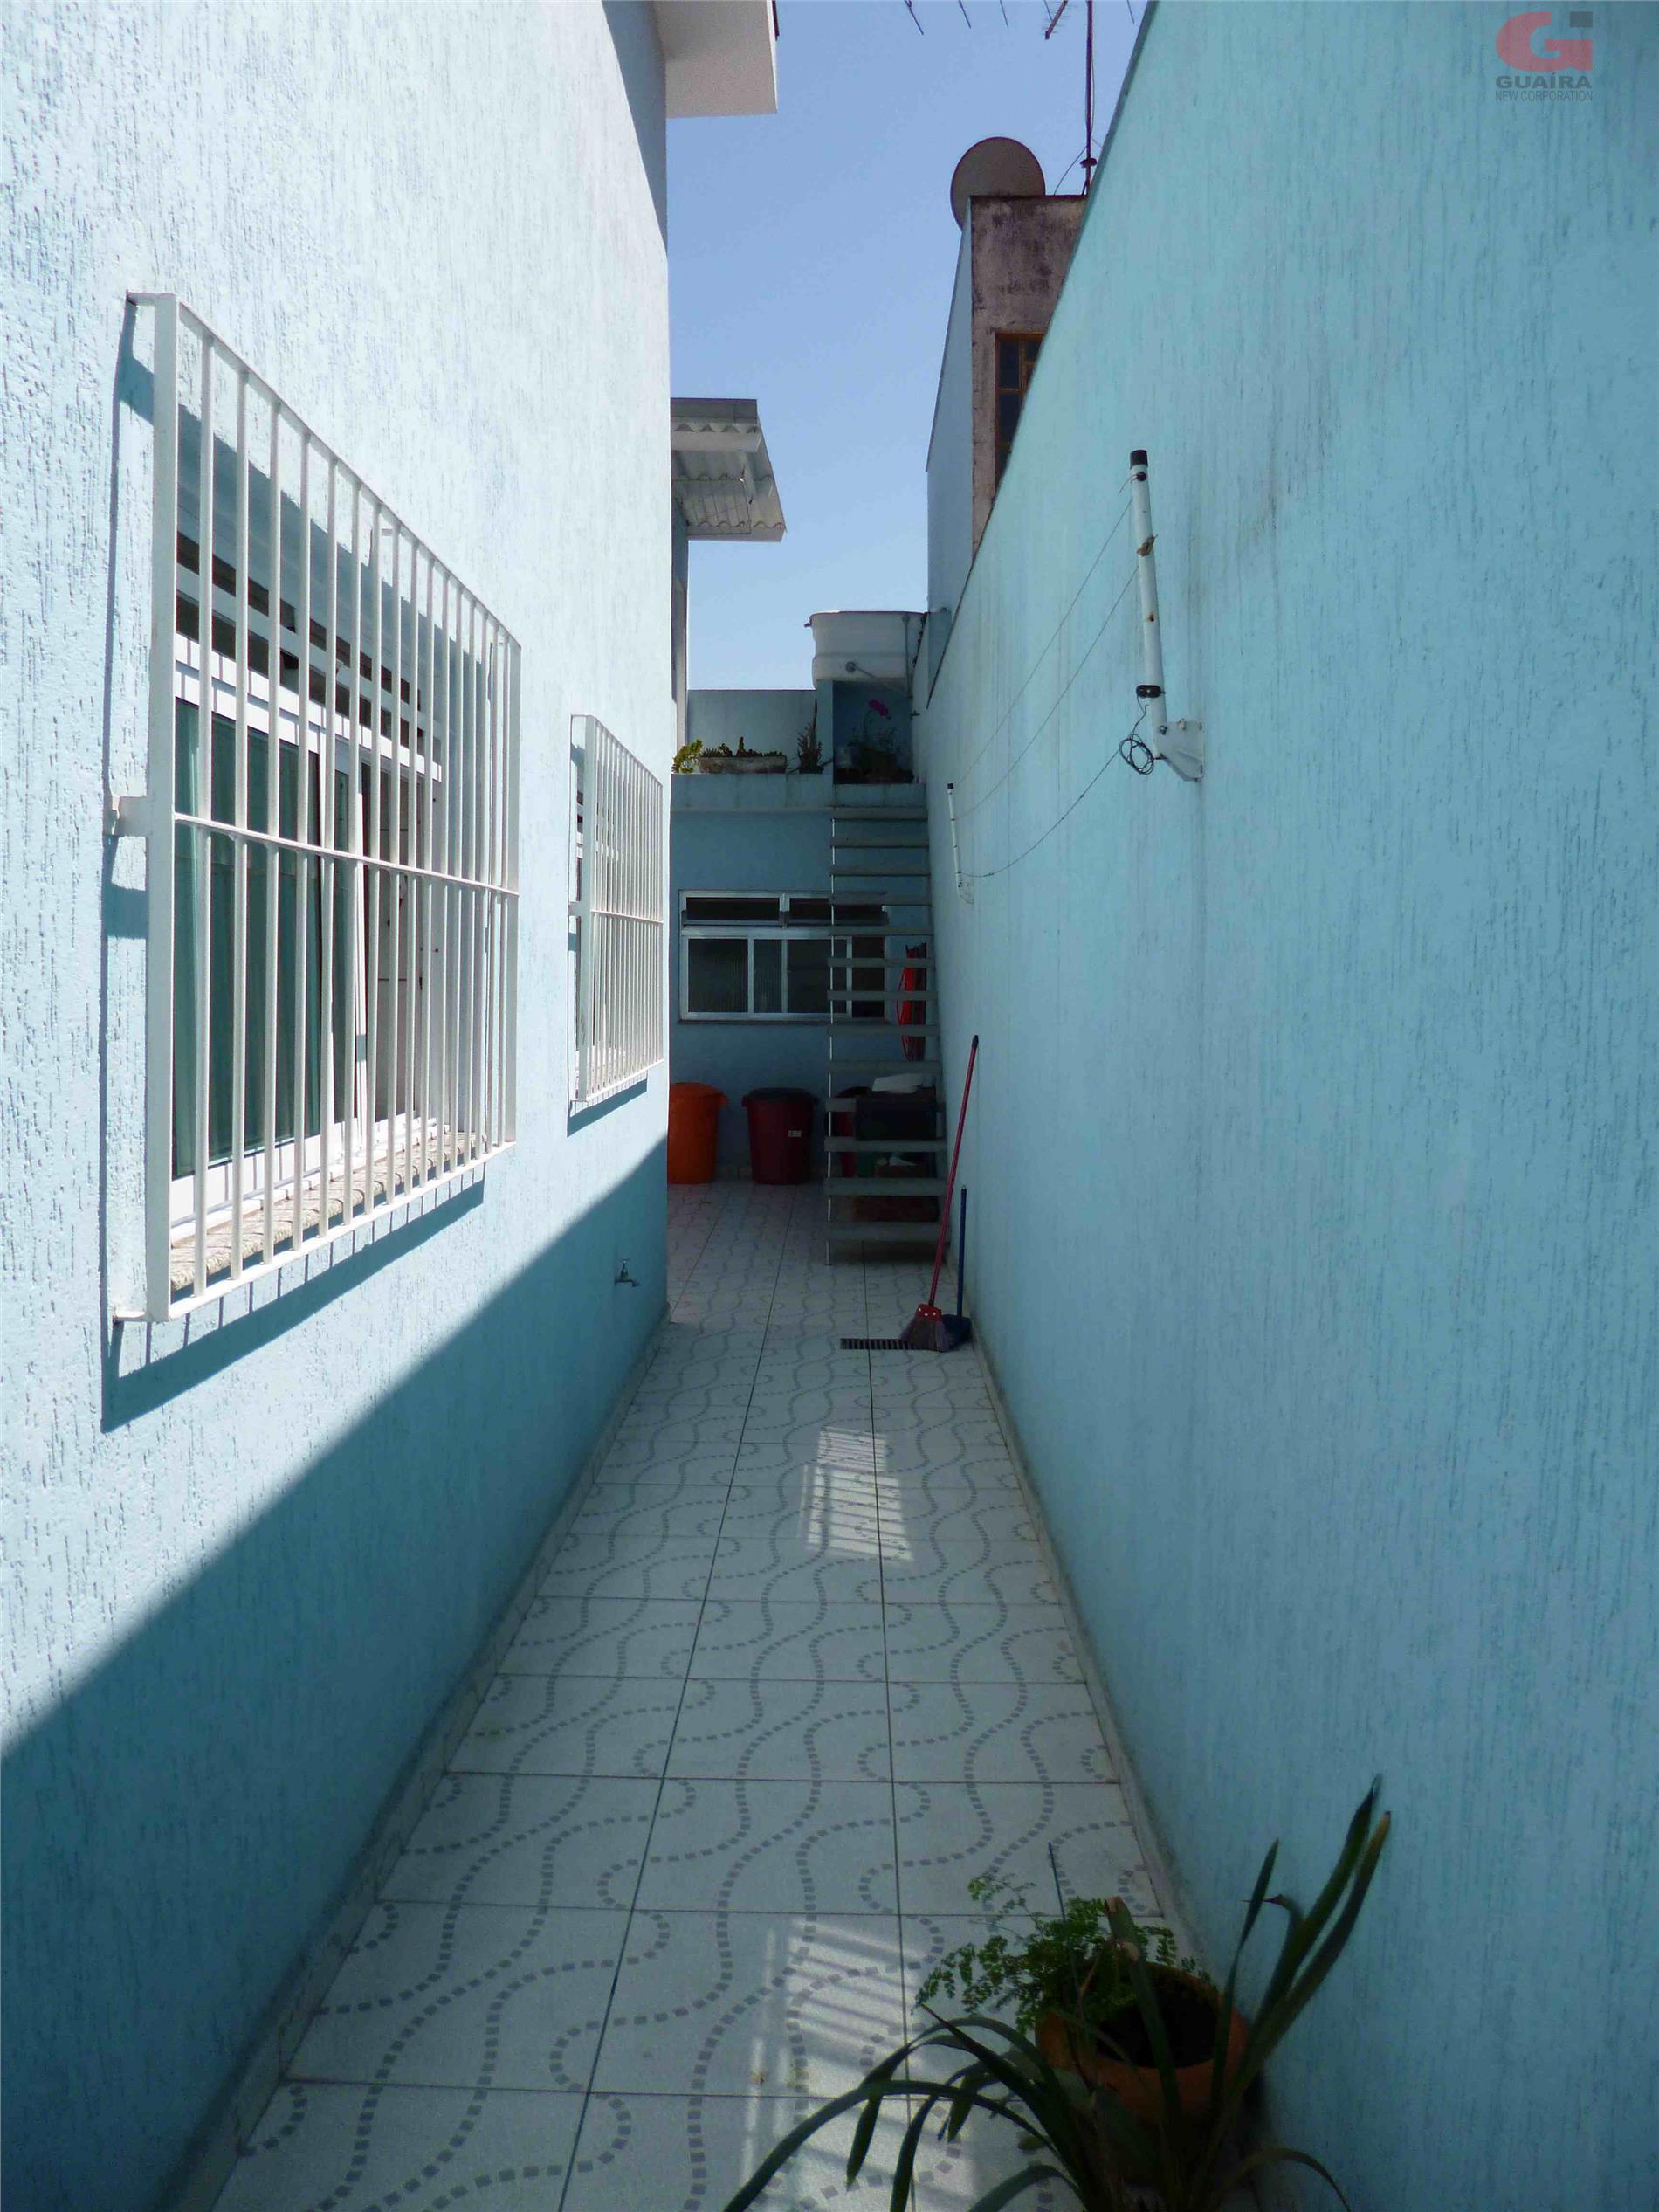 Sobrado de 3 dormitórios à venda em Ferrazópolis, São Bernardo Do Campo - SP